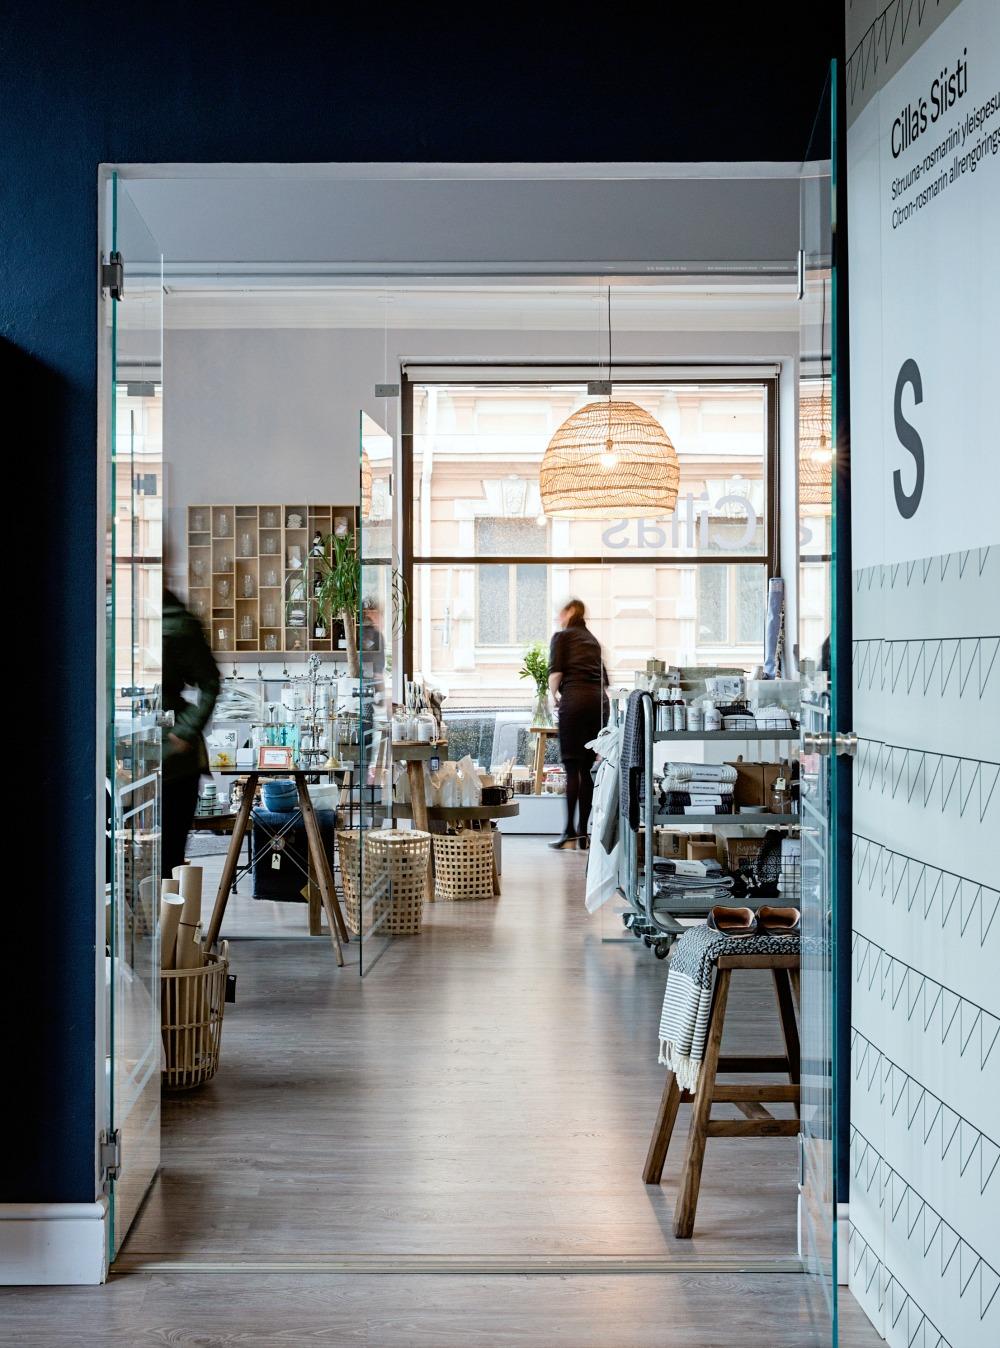 sisustusliike, vaateliike, lifestyleliike, Helsinki